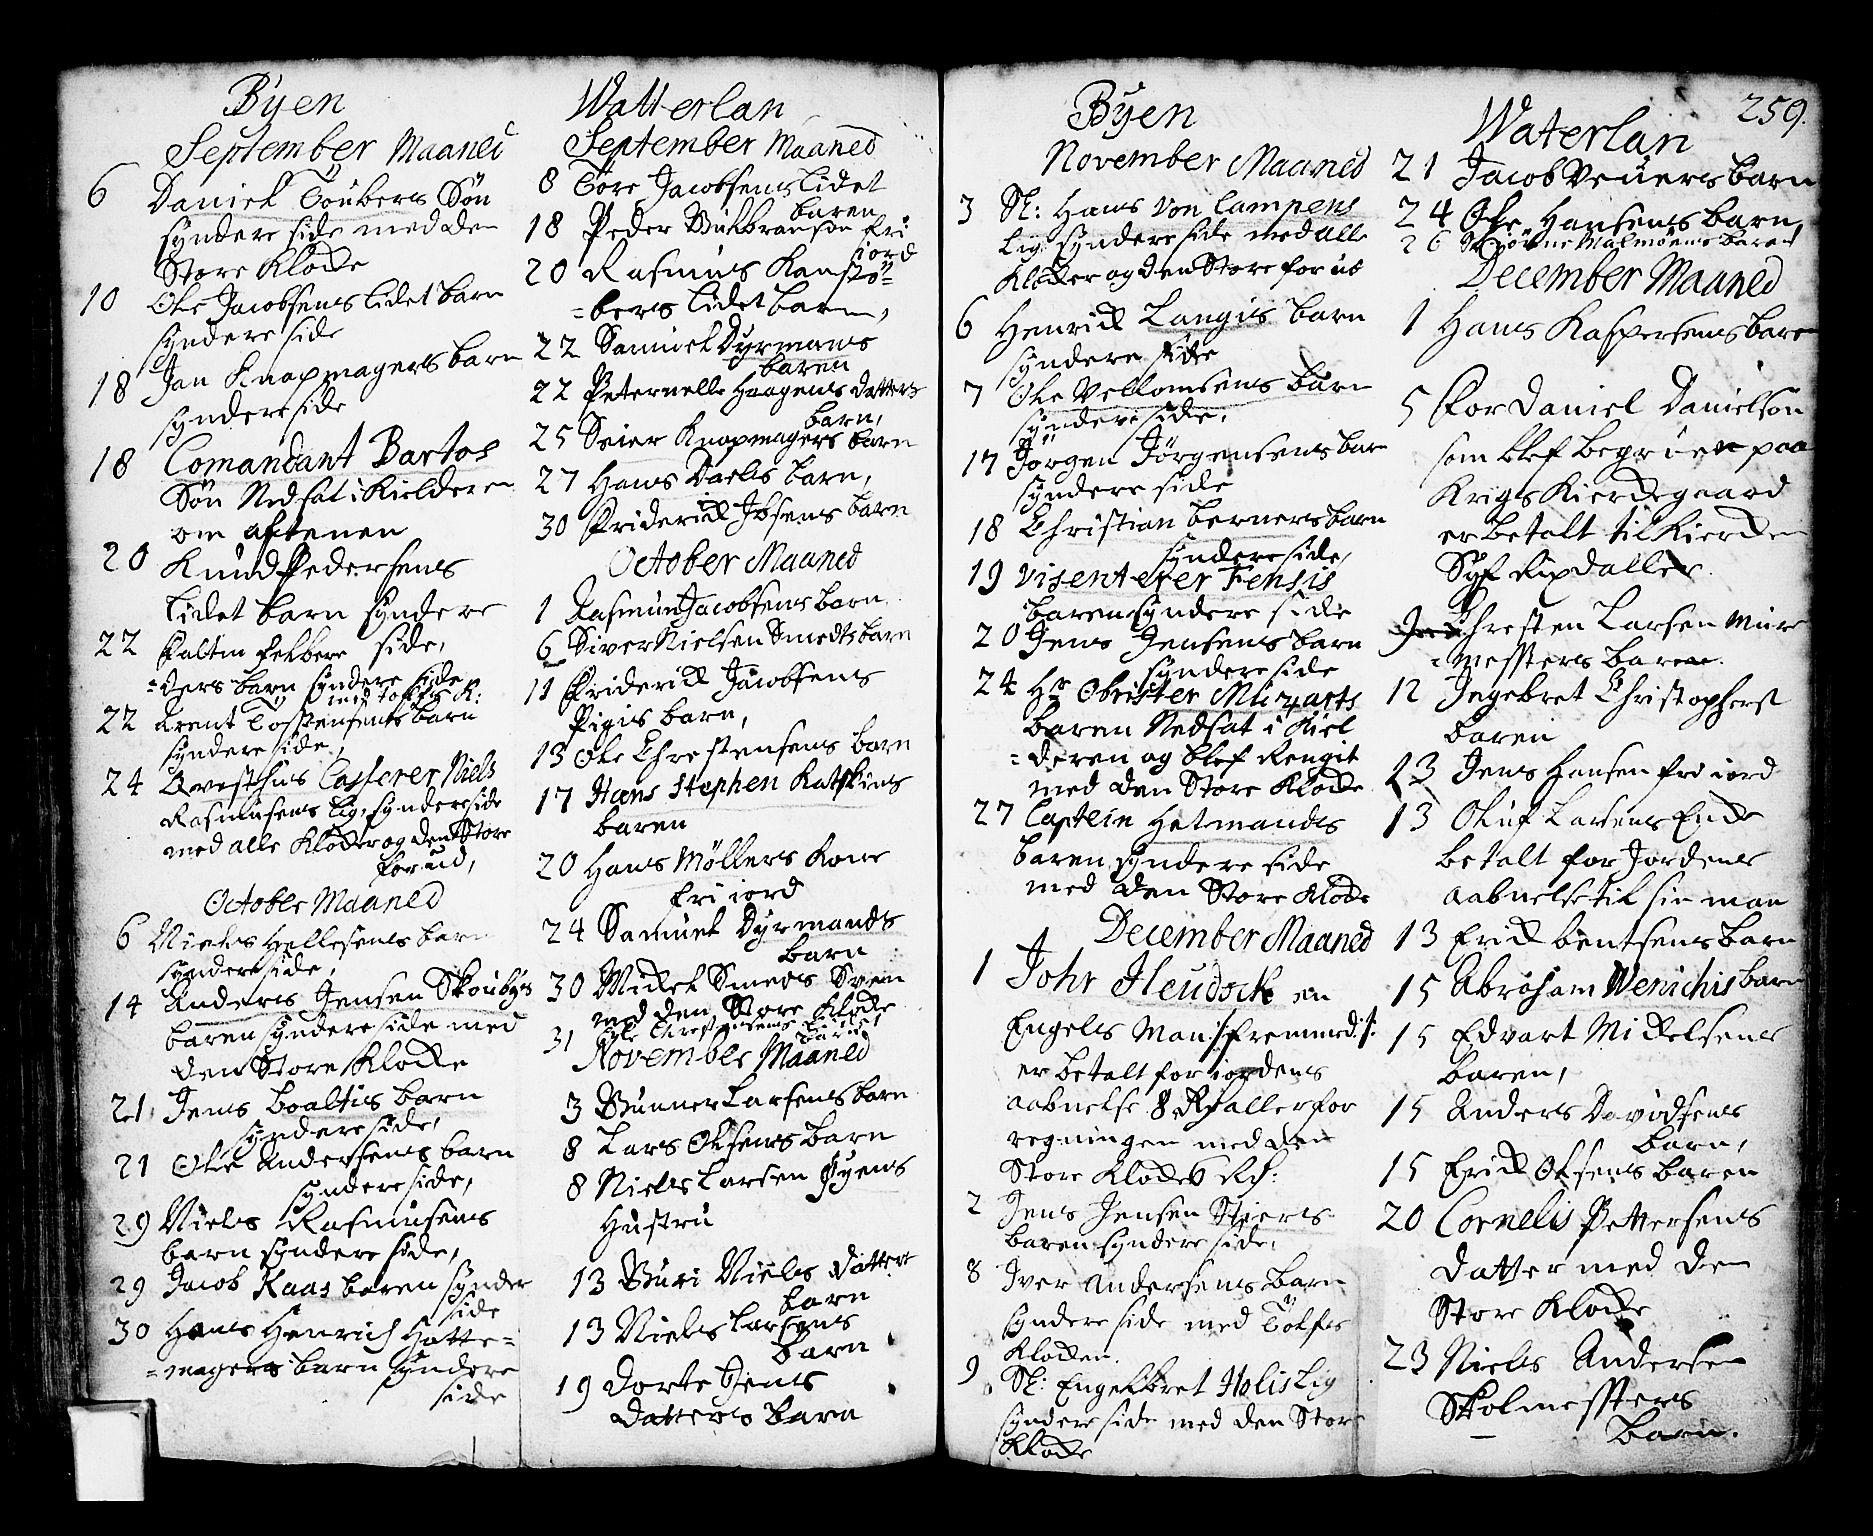 SAO, Oslo domkirke Kirkebøker, F/Fa/L0002: Ministerialbok nr. 2, 1705-1730, s. 259